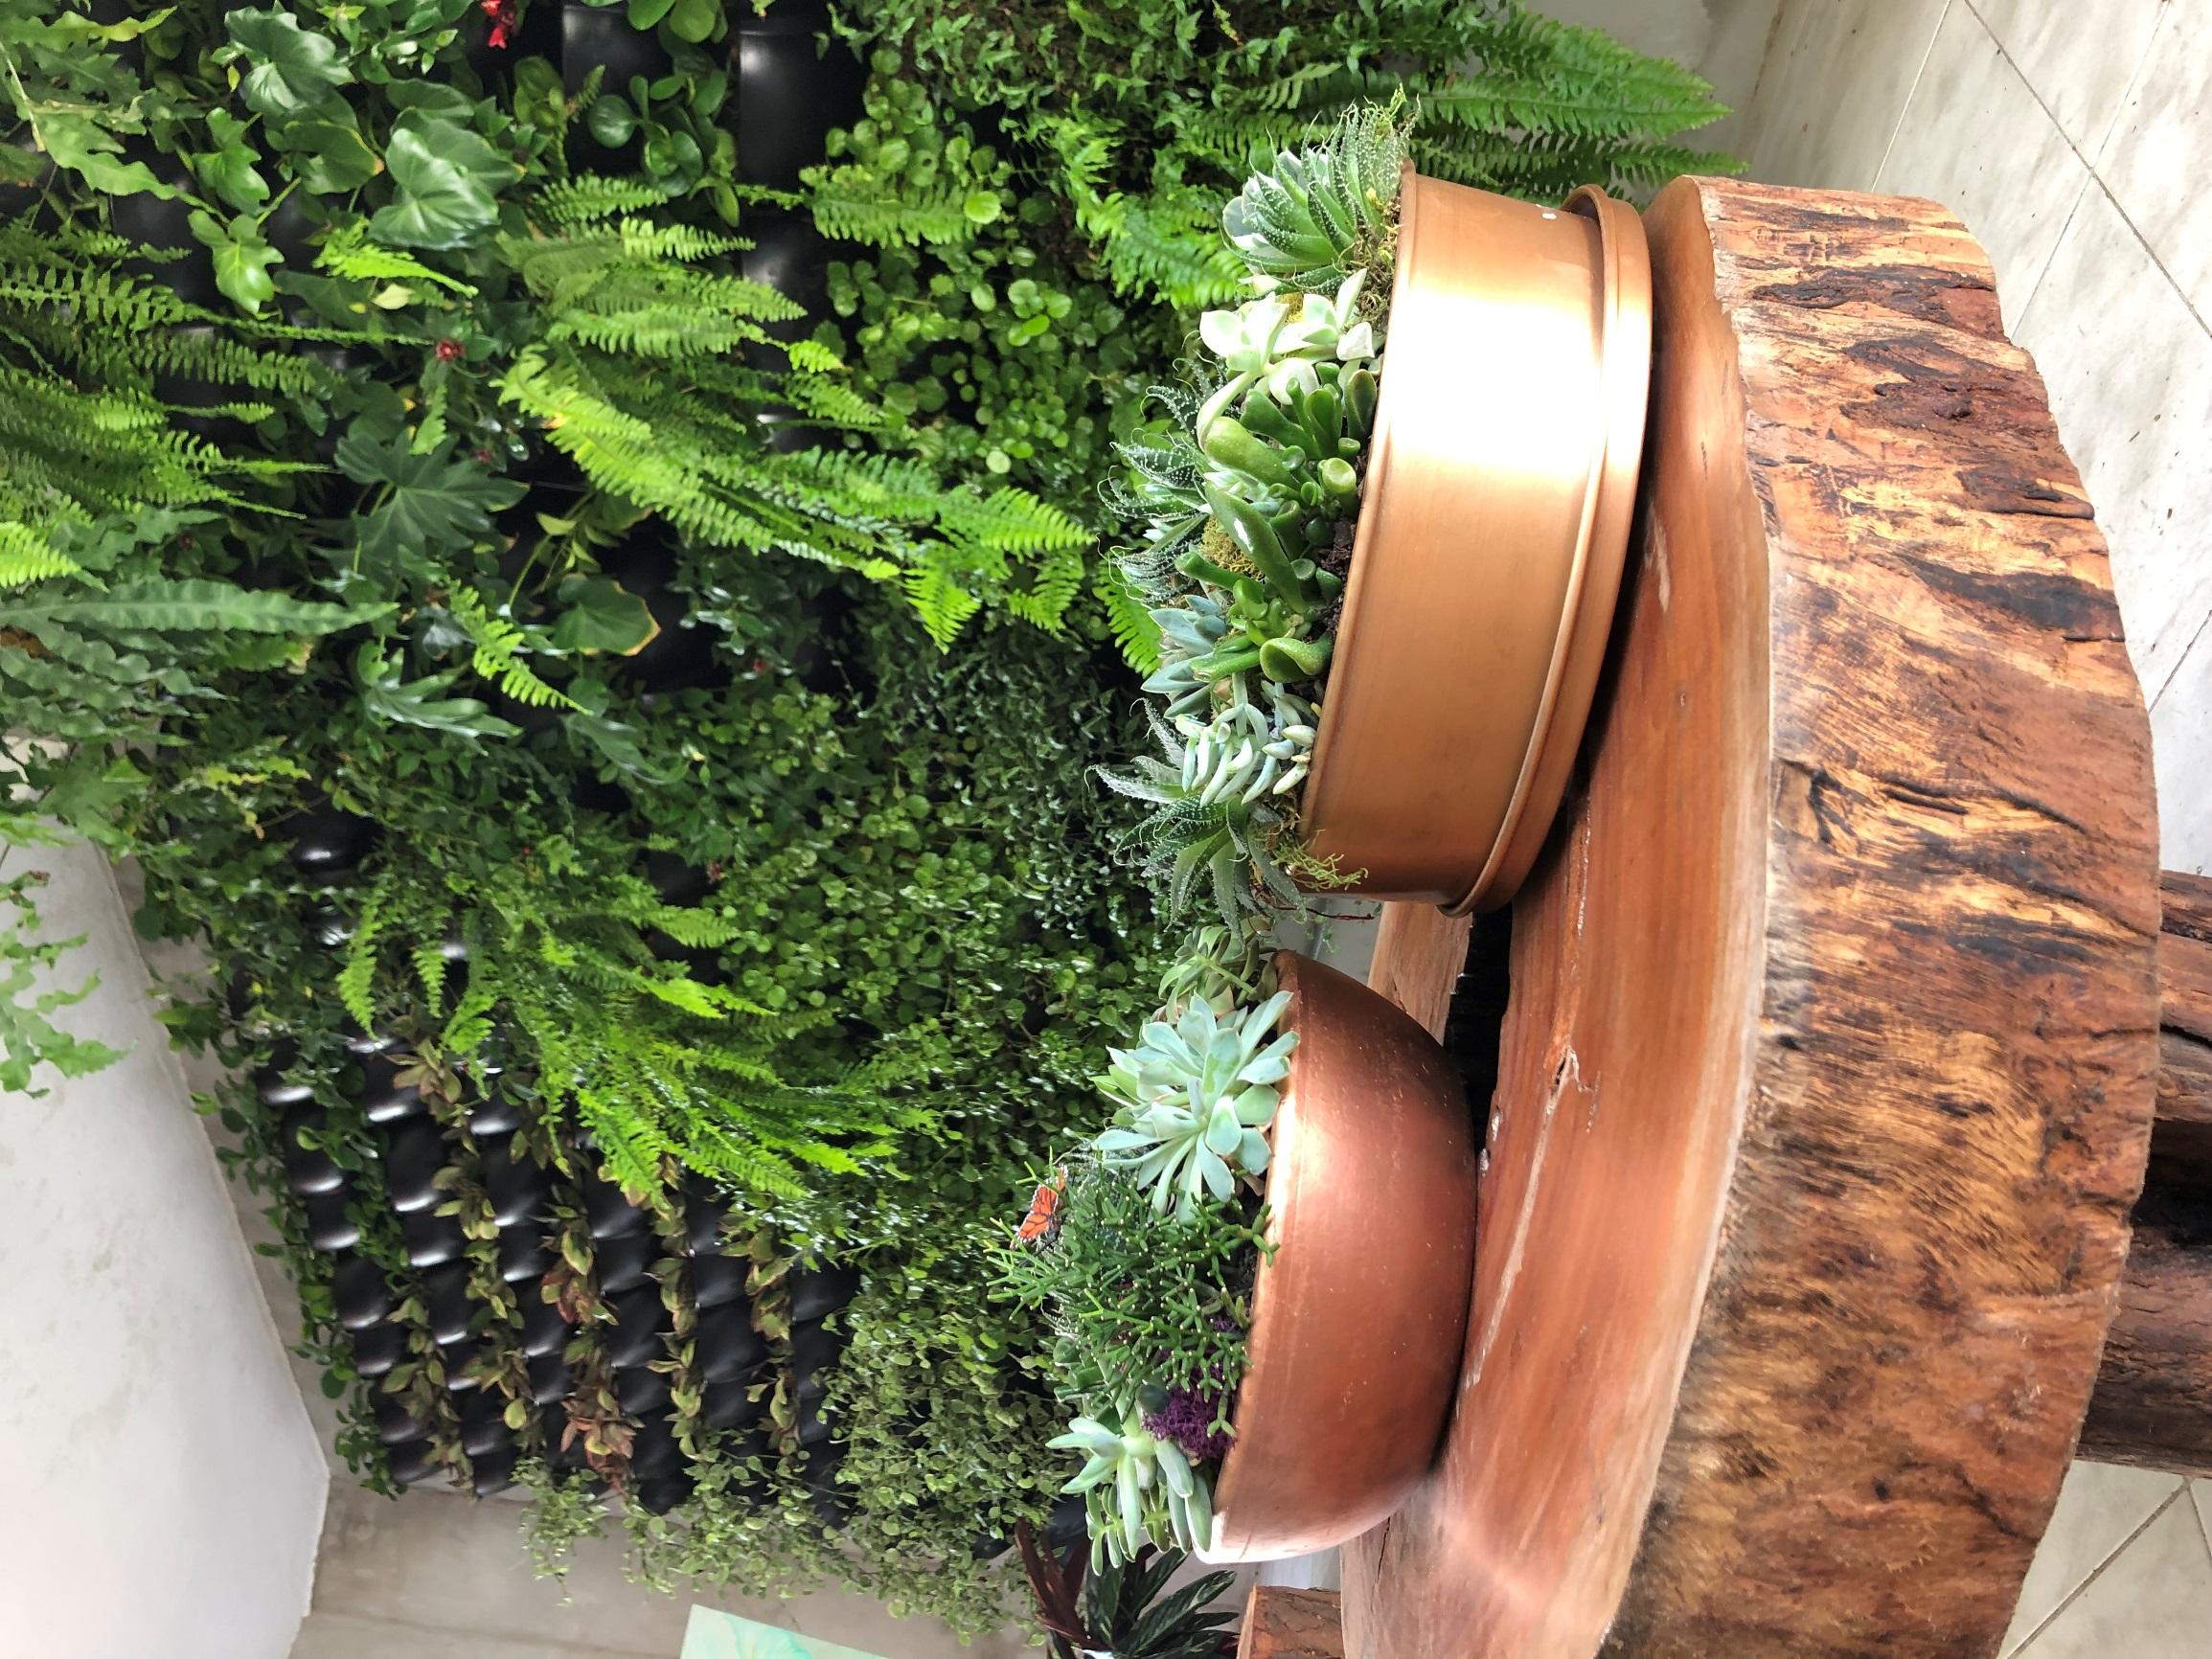 Jardins verticais são uma opção para trazer o design biofílico para dentro de casa. Na imagem, projeto da Ecotelhado. Foto: Divulgação.